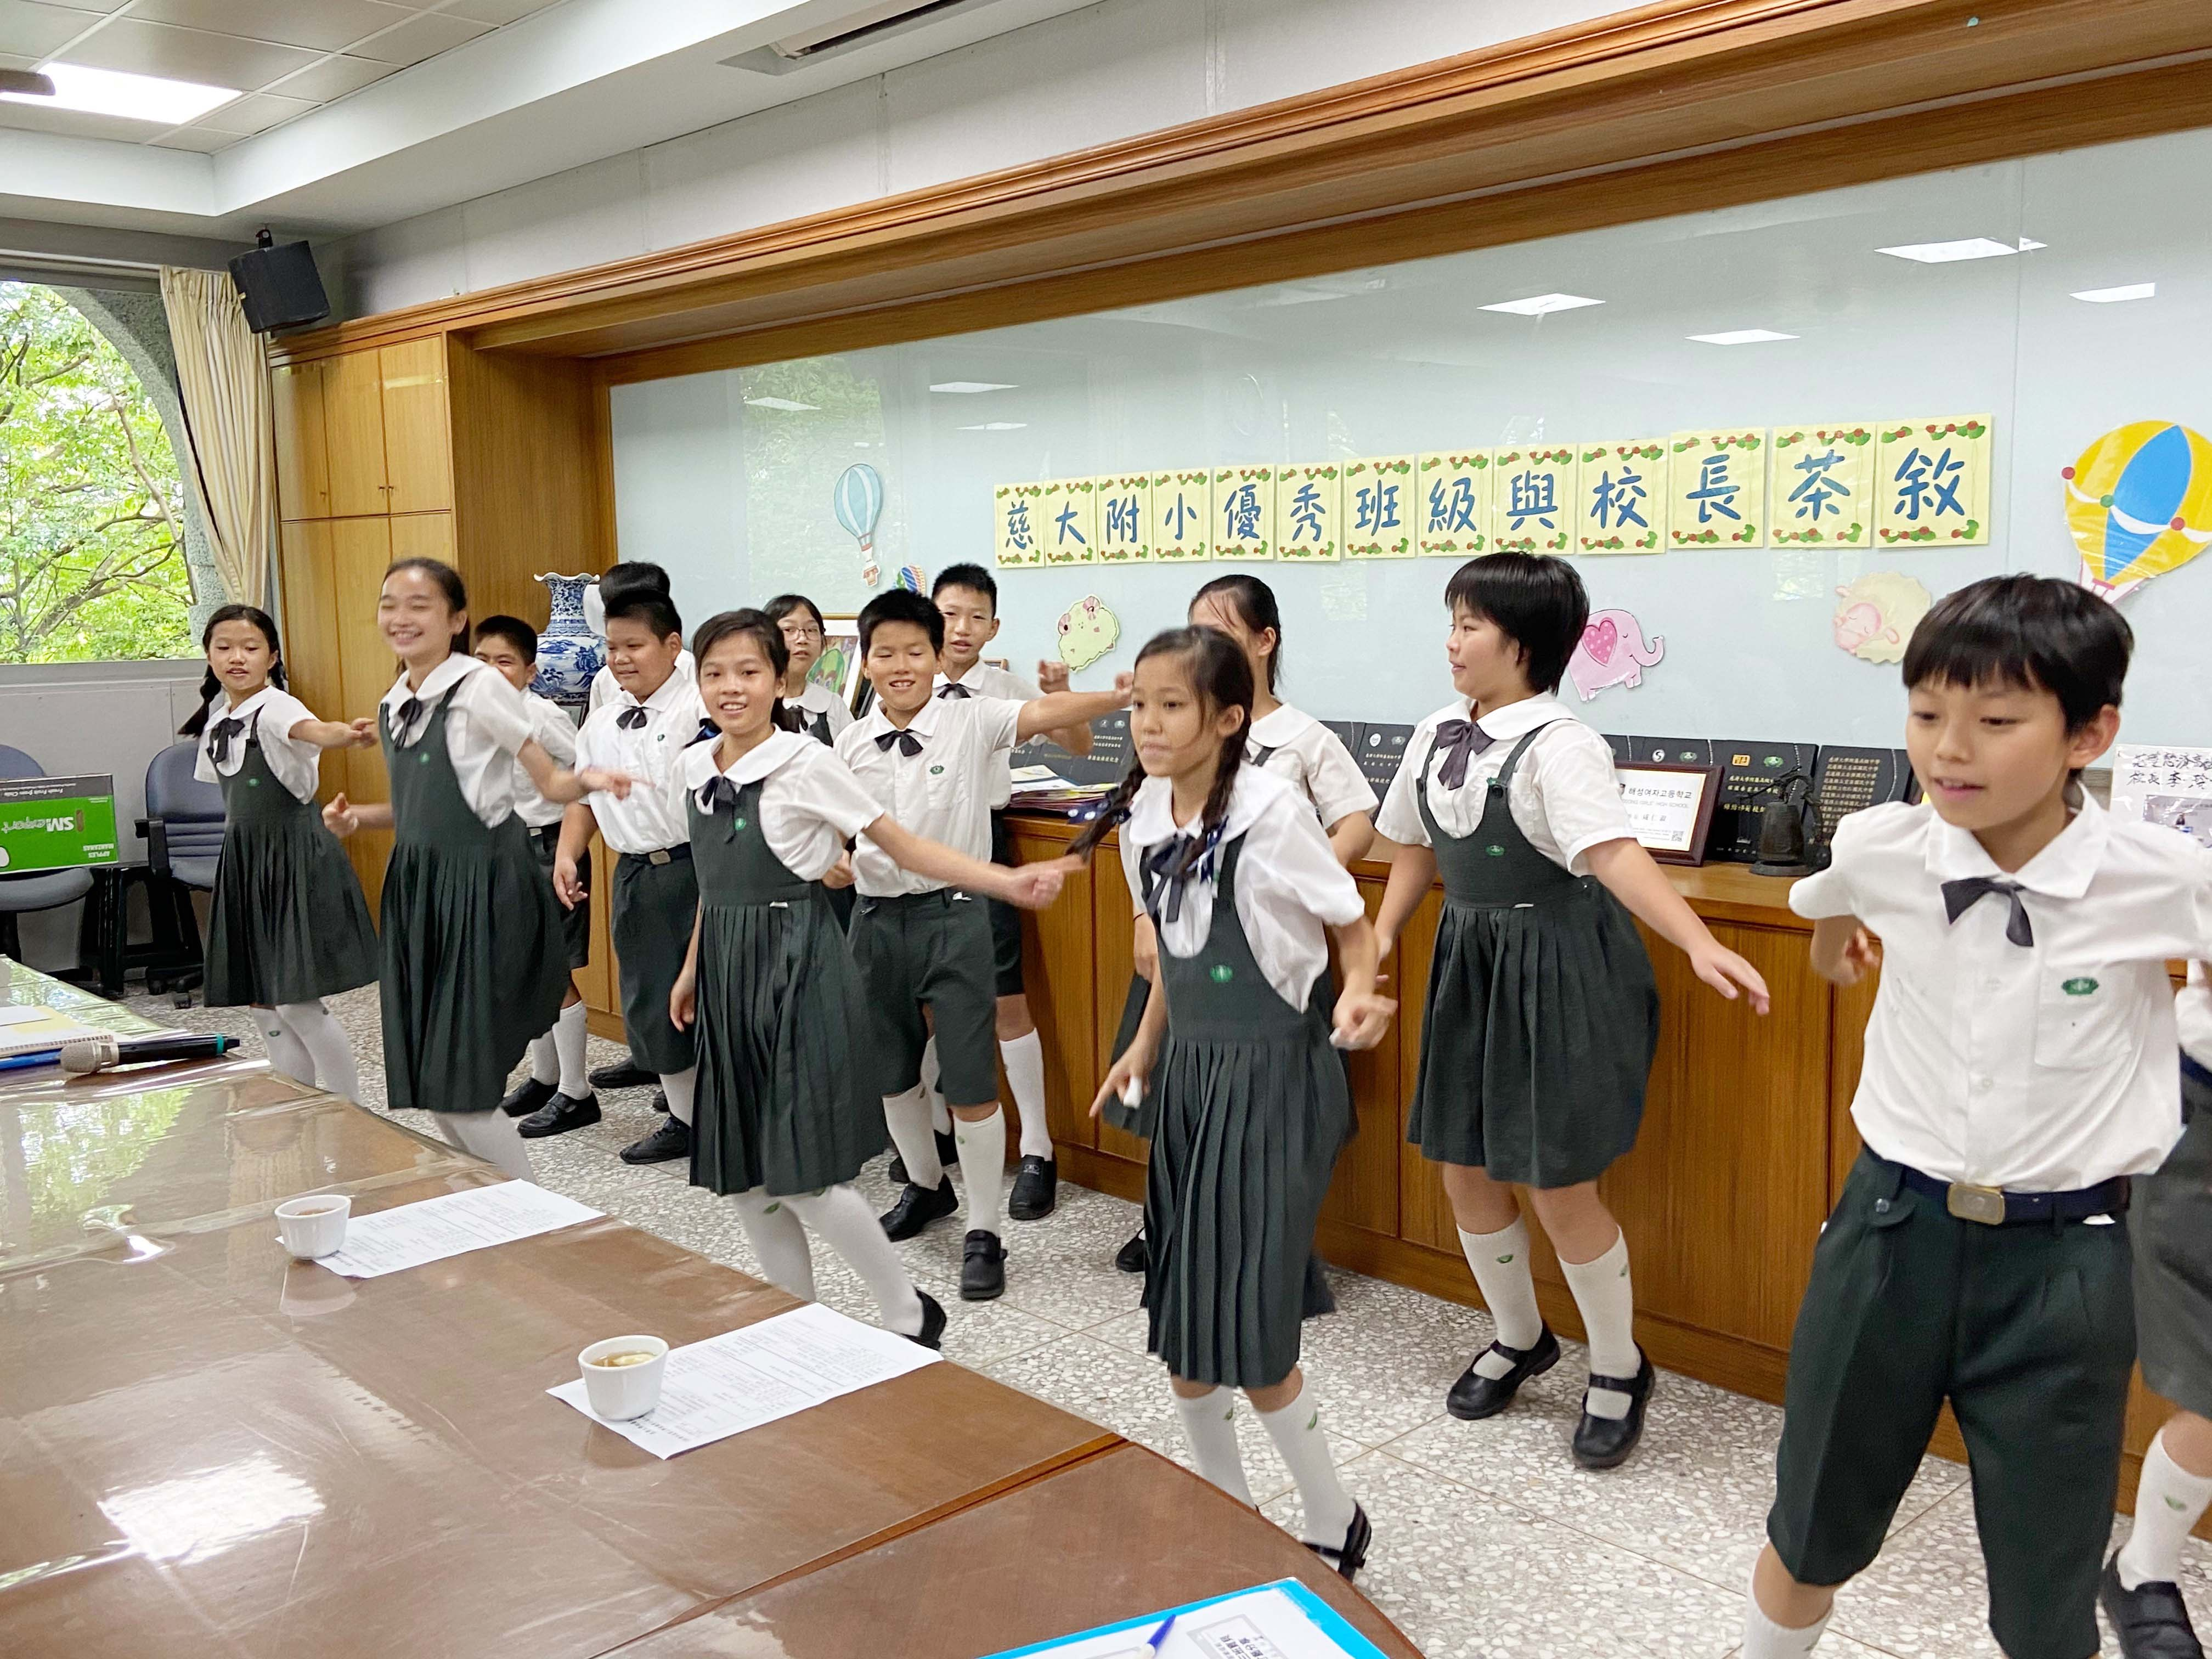 學務處訓育組蕭幸青組長表示,慈大附小重視生活教育,每週都實施班級整潔、秩序、禮貌、儀容各項評比,以養成學生良好生活習慣。